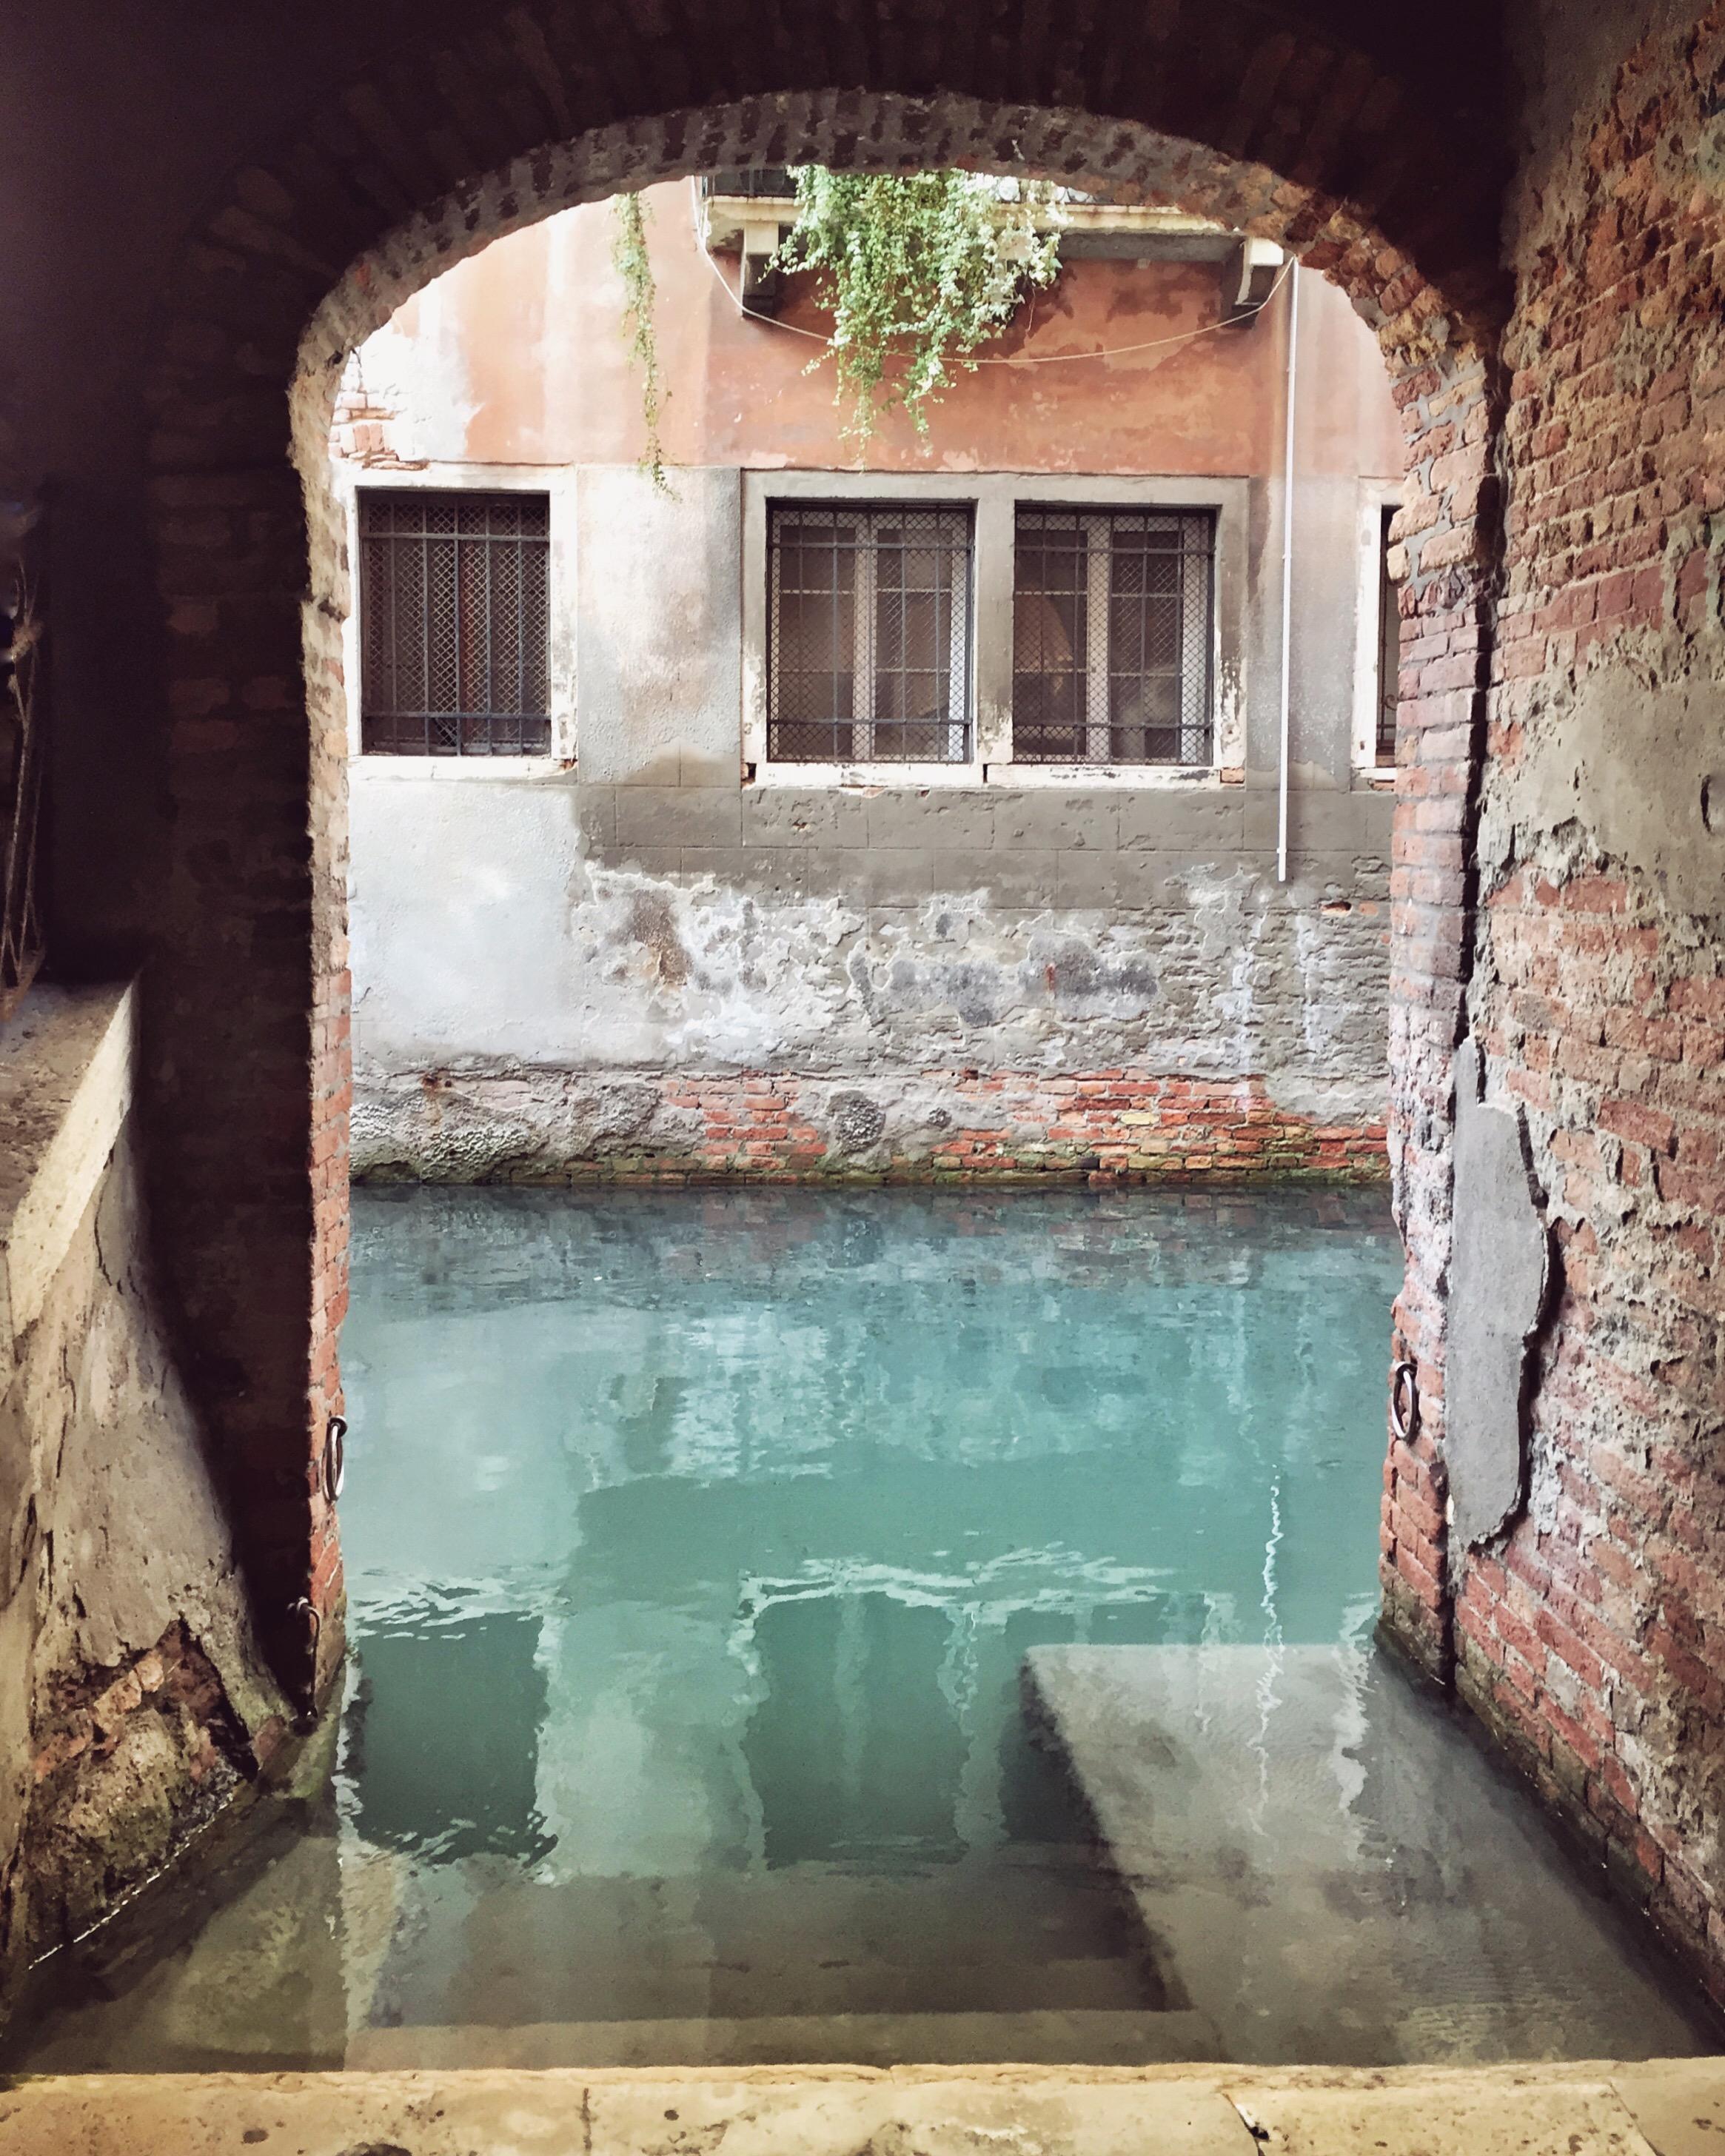 Secret beauty | EAT.PRAY.MOVE Yoga | Venice, Italy